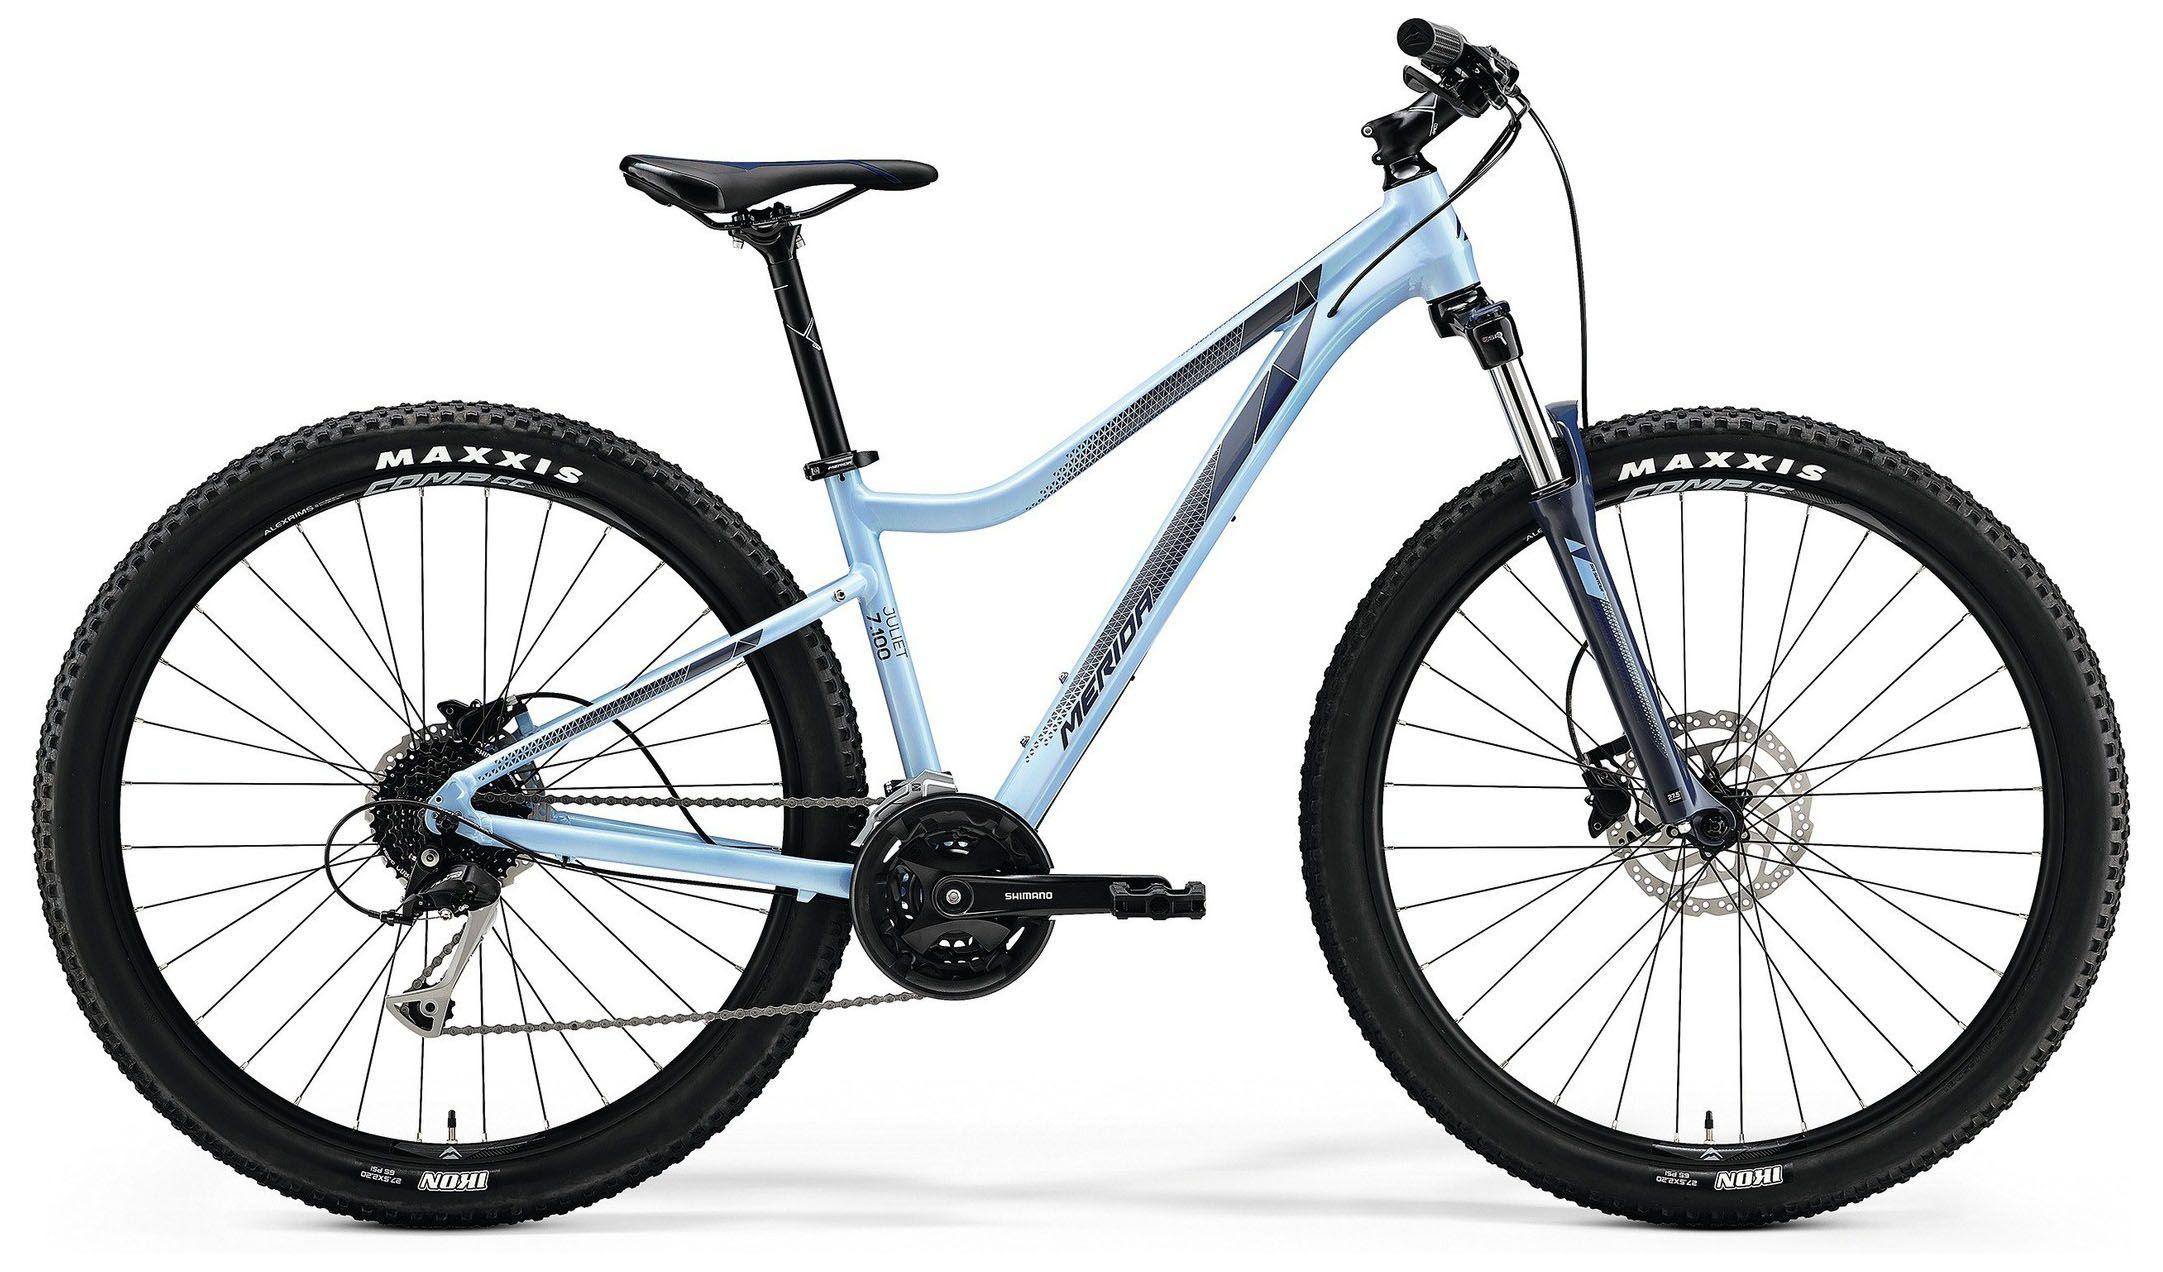 Велосипед Merida Juliet 7.100 2018 женский велосипед навигатор купить в пензе